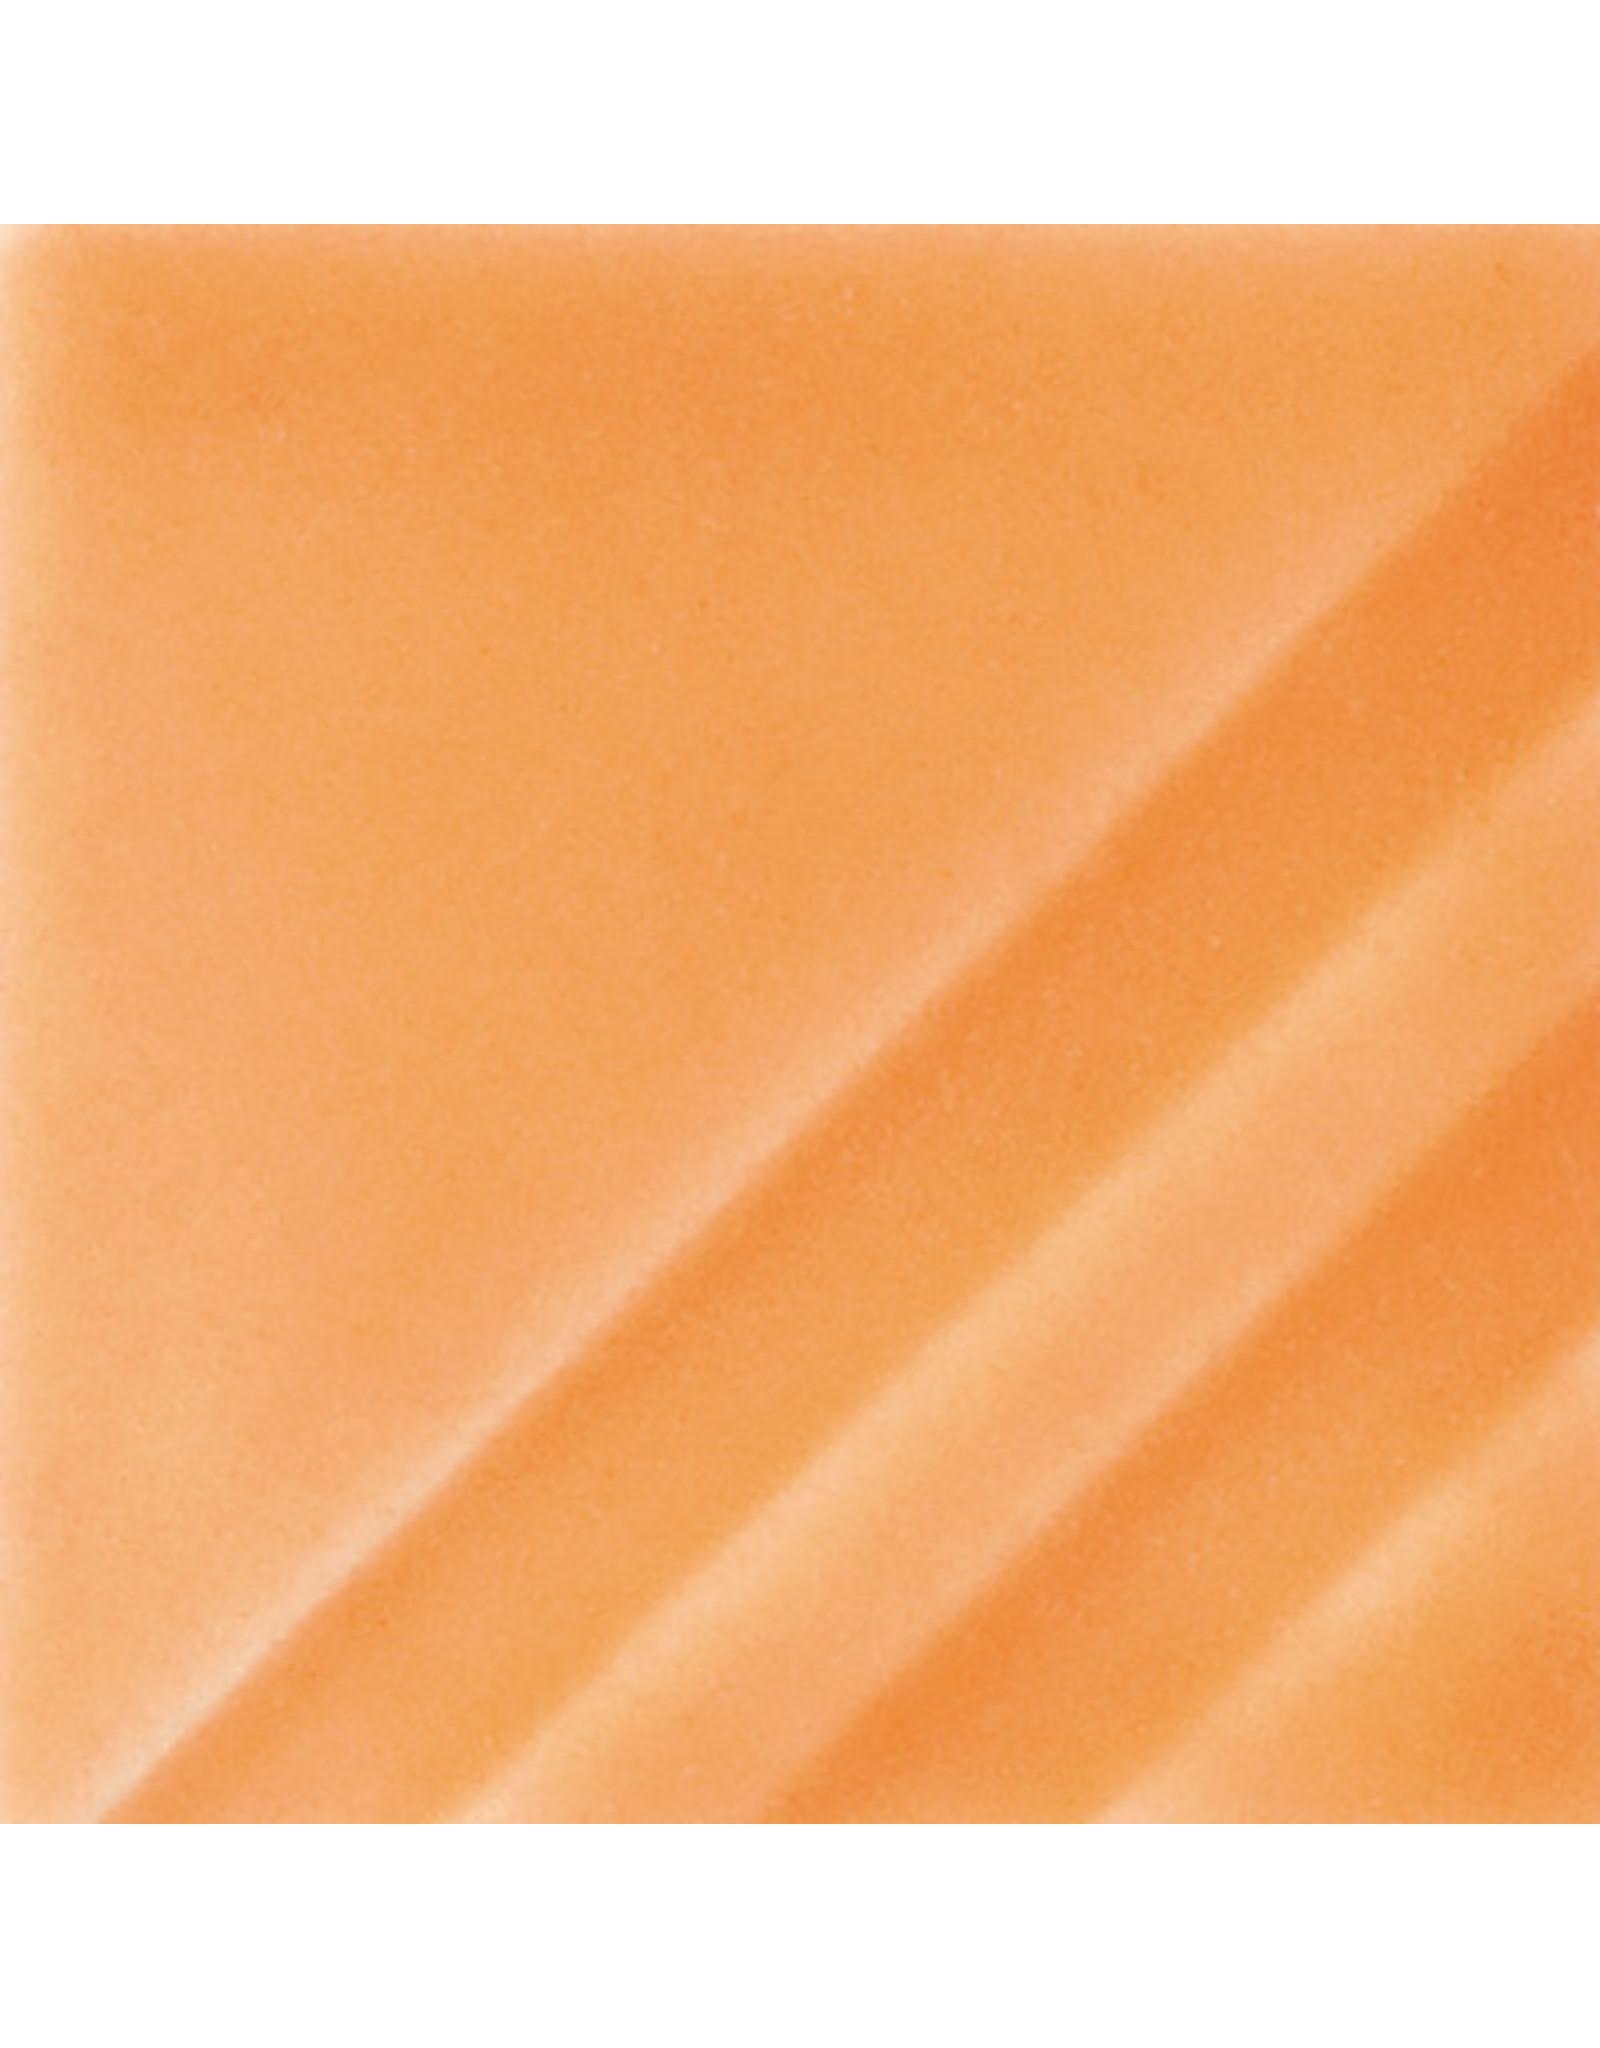 Mayco Mayco Foundations Orange Slice - 473ml